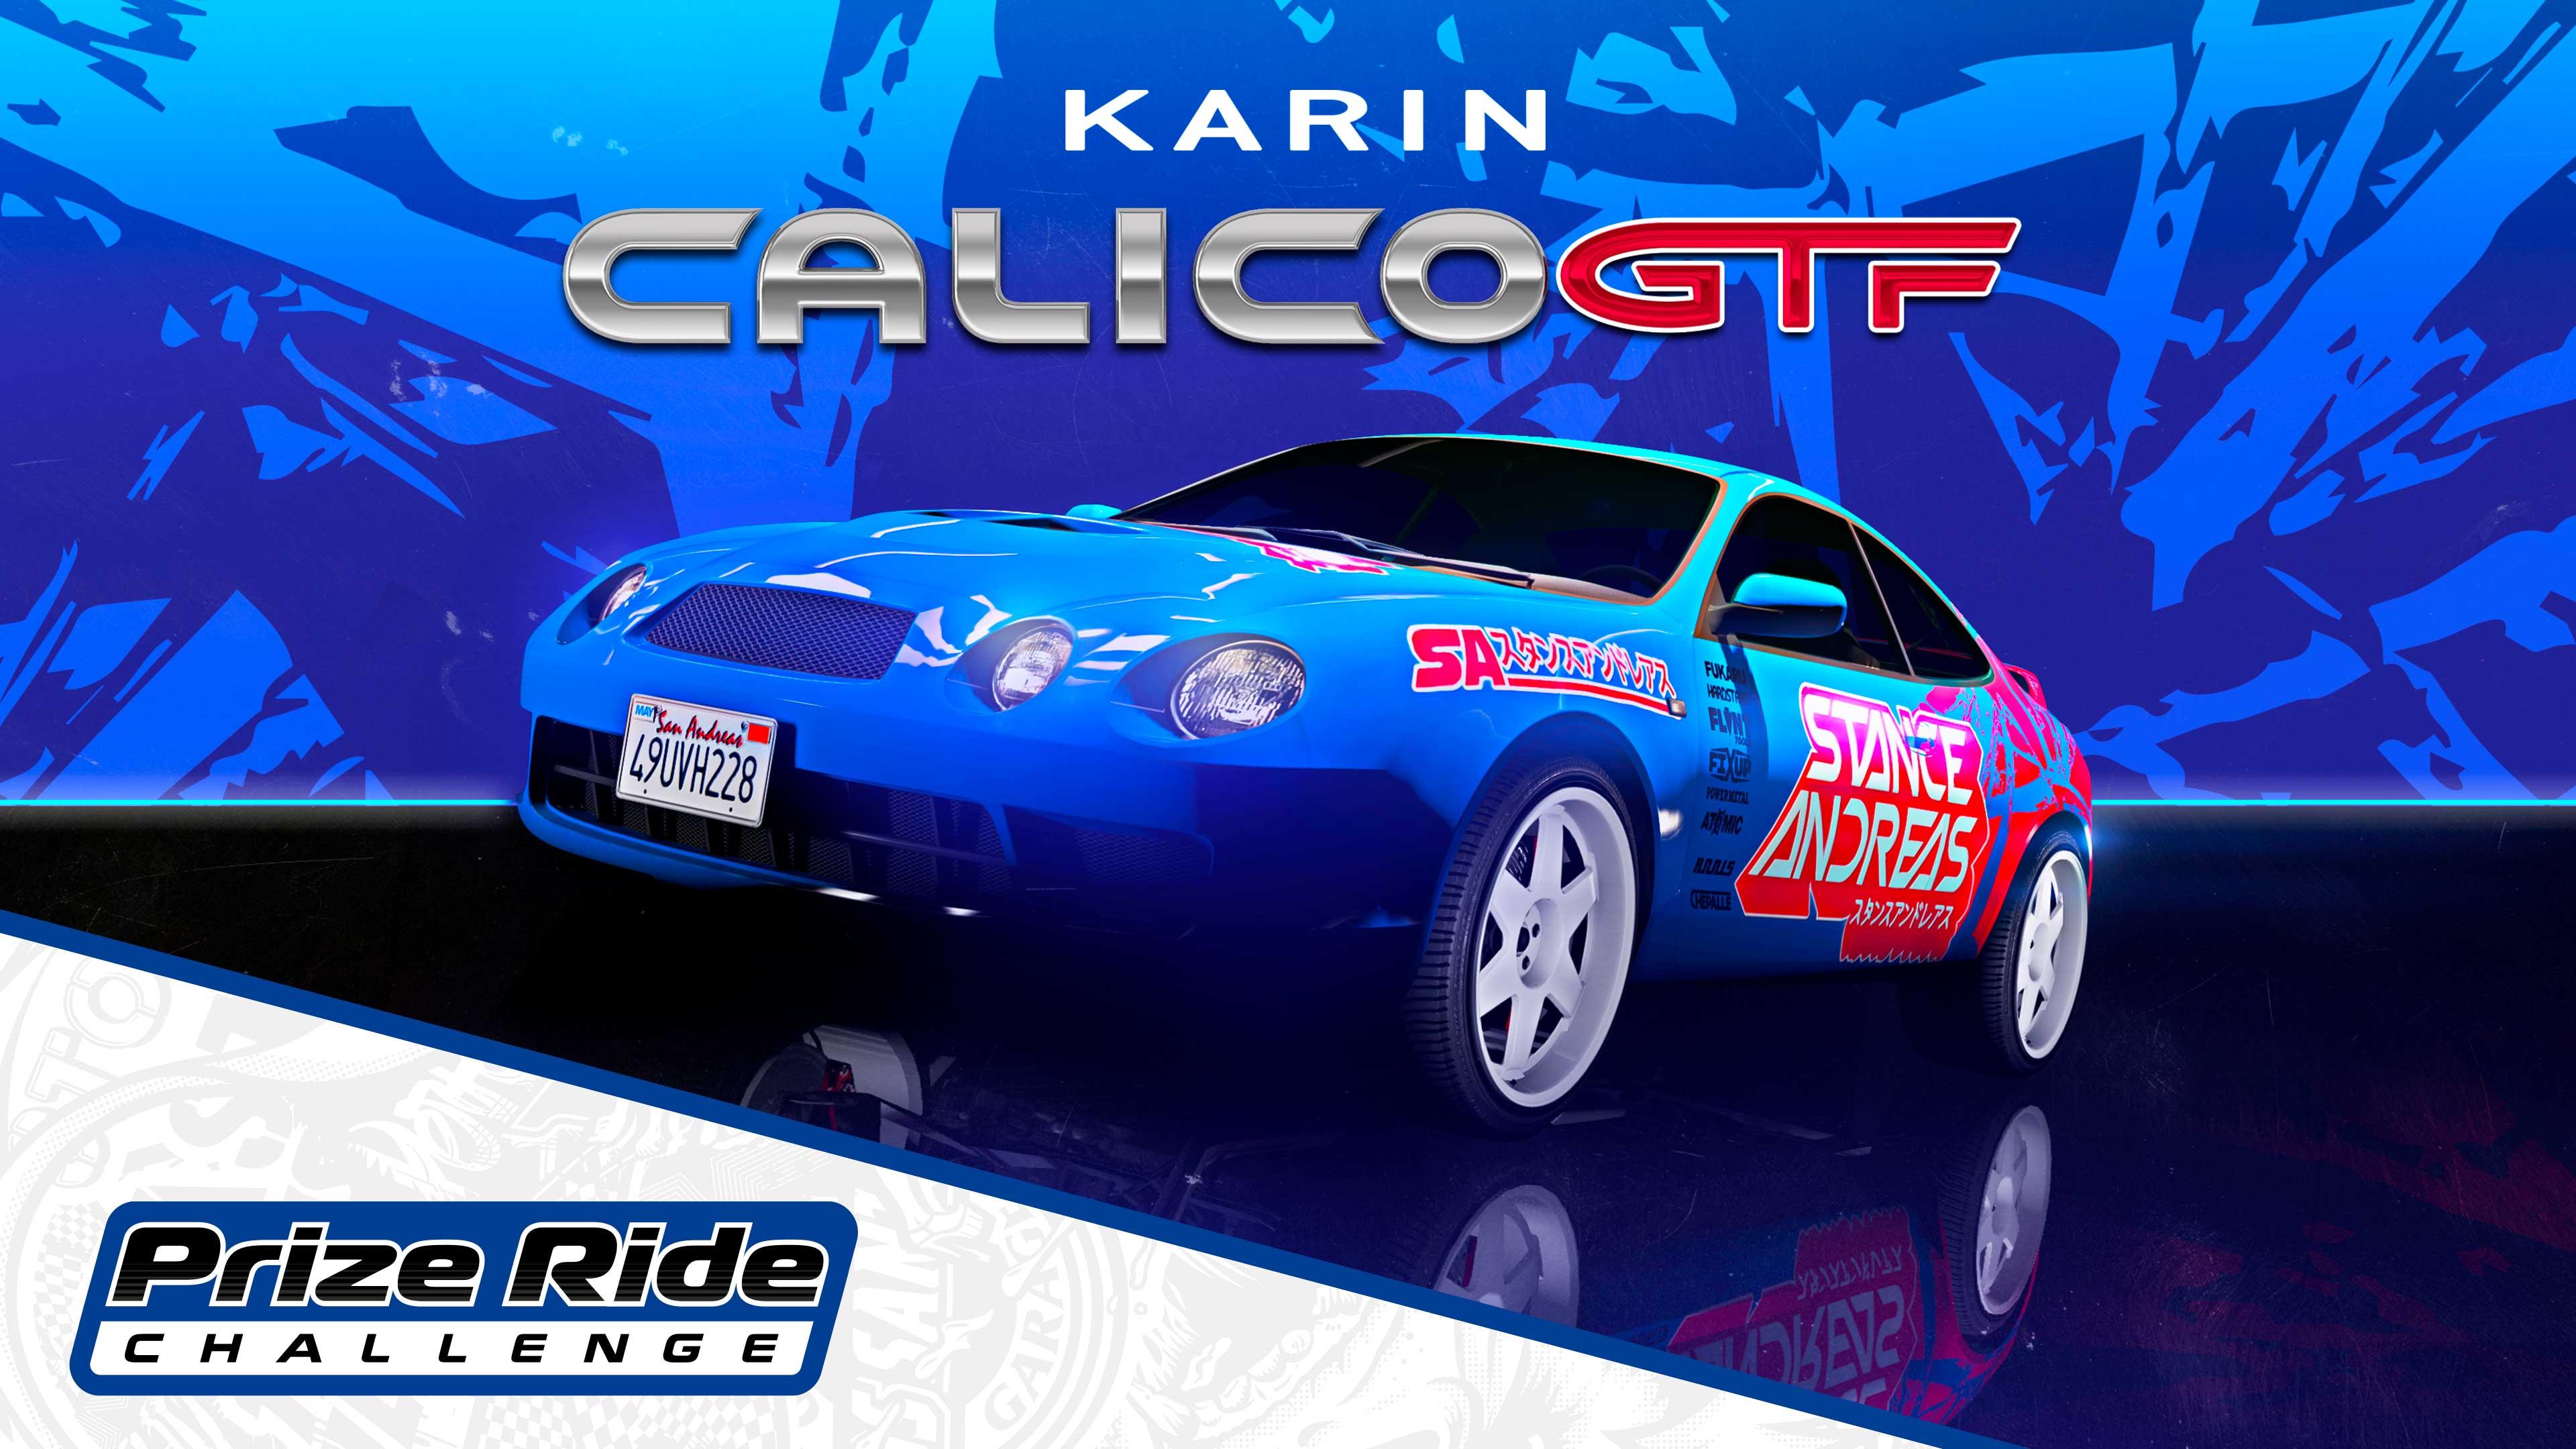 GTA Online Los Santos Tuners Prize Ride: Karin Calico GTF